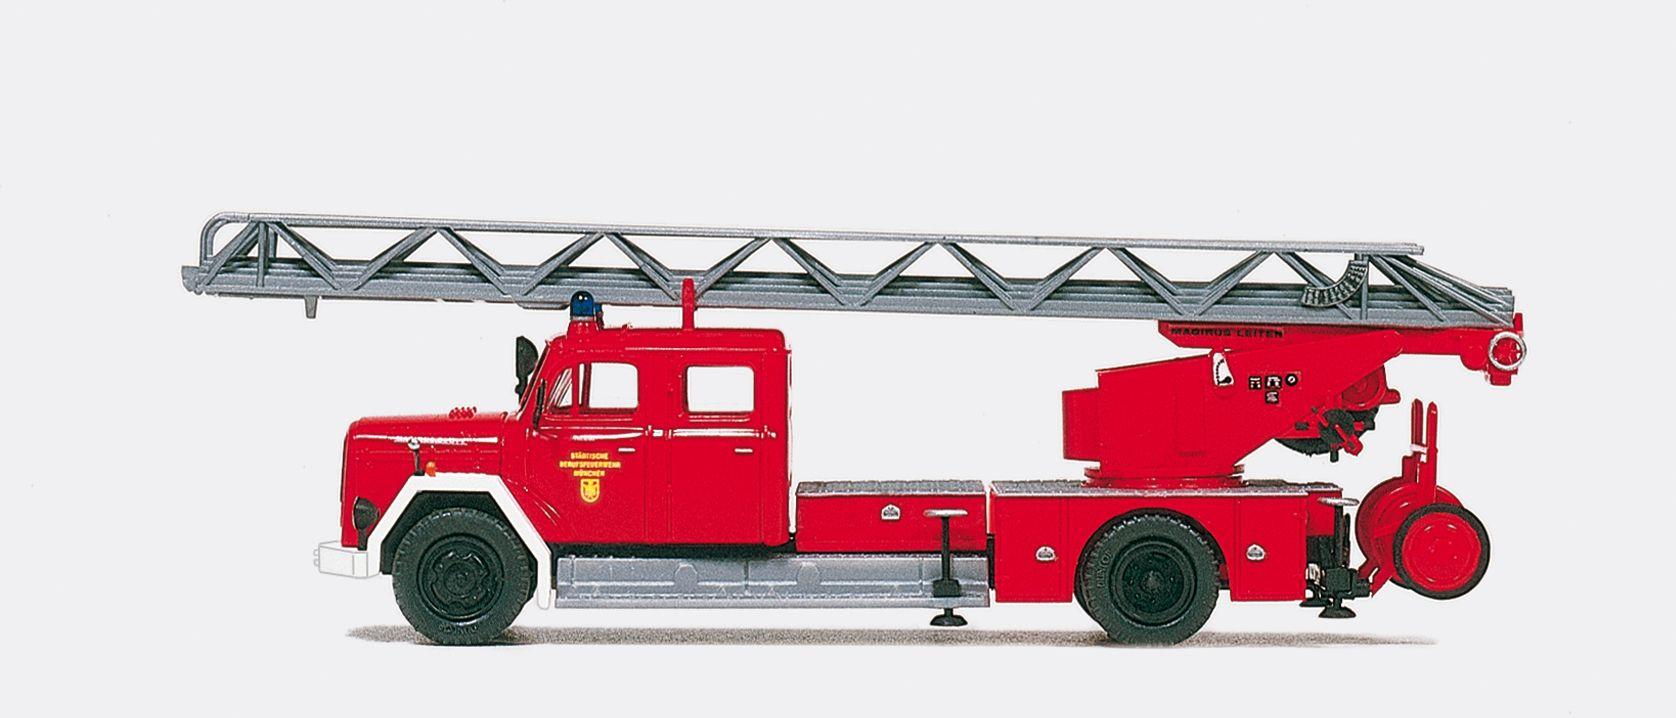 1:87 Feuerwehr Drehleiter DL30 Magirus Deutz F 150 D 10 Staffelfahrerhaus, Bausatz - Preiser 31265    günstig bestellen bei Modelleisenbahn Center  MCS Vertriebs GmbH